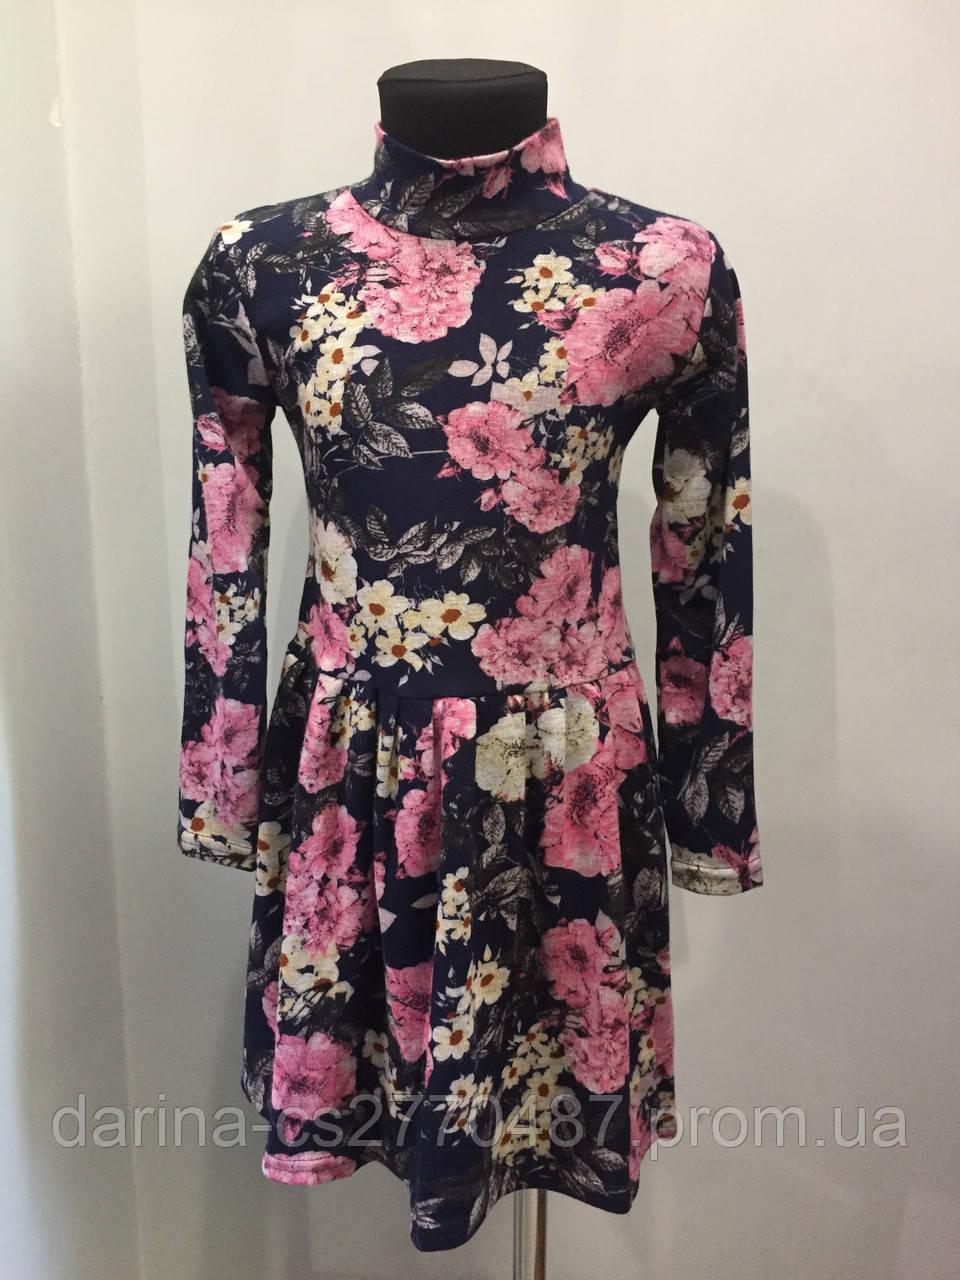 Платье для девочки с цветами 104,110,122 см